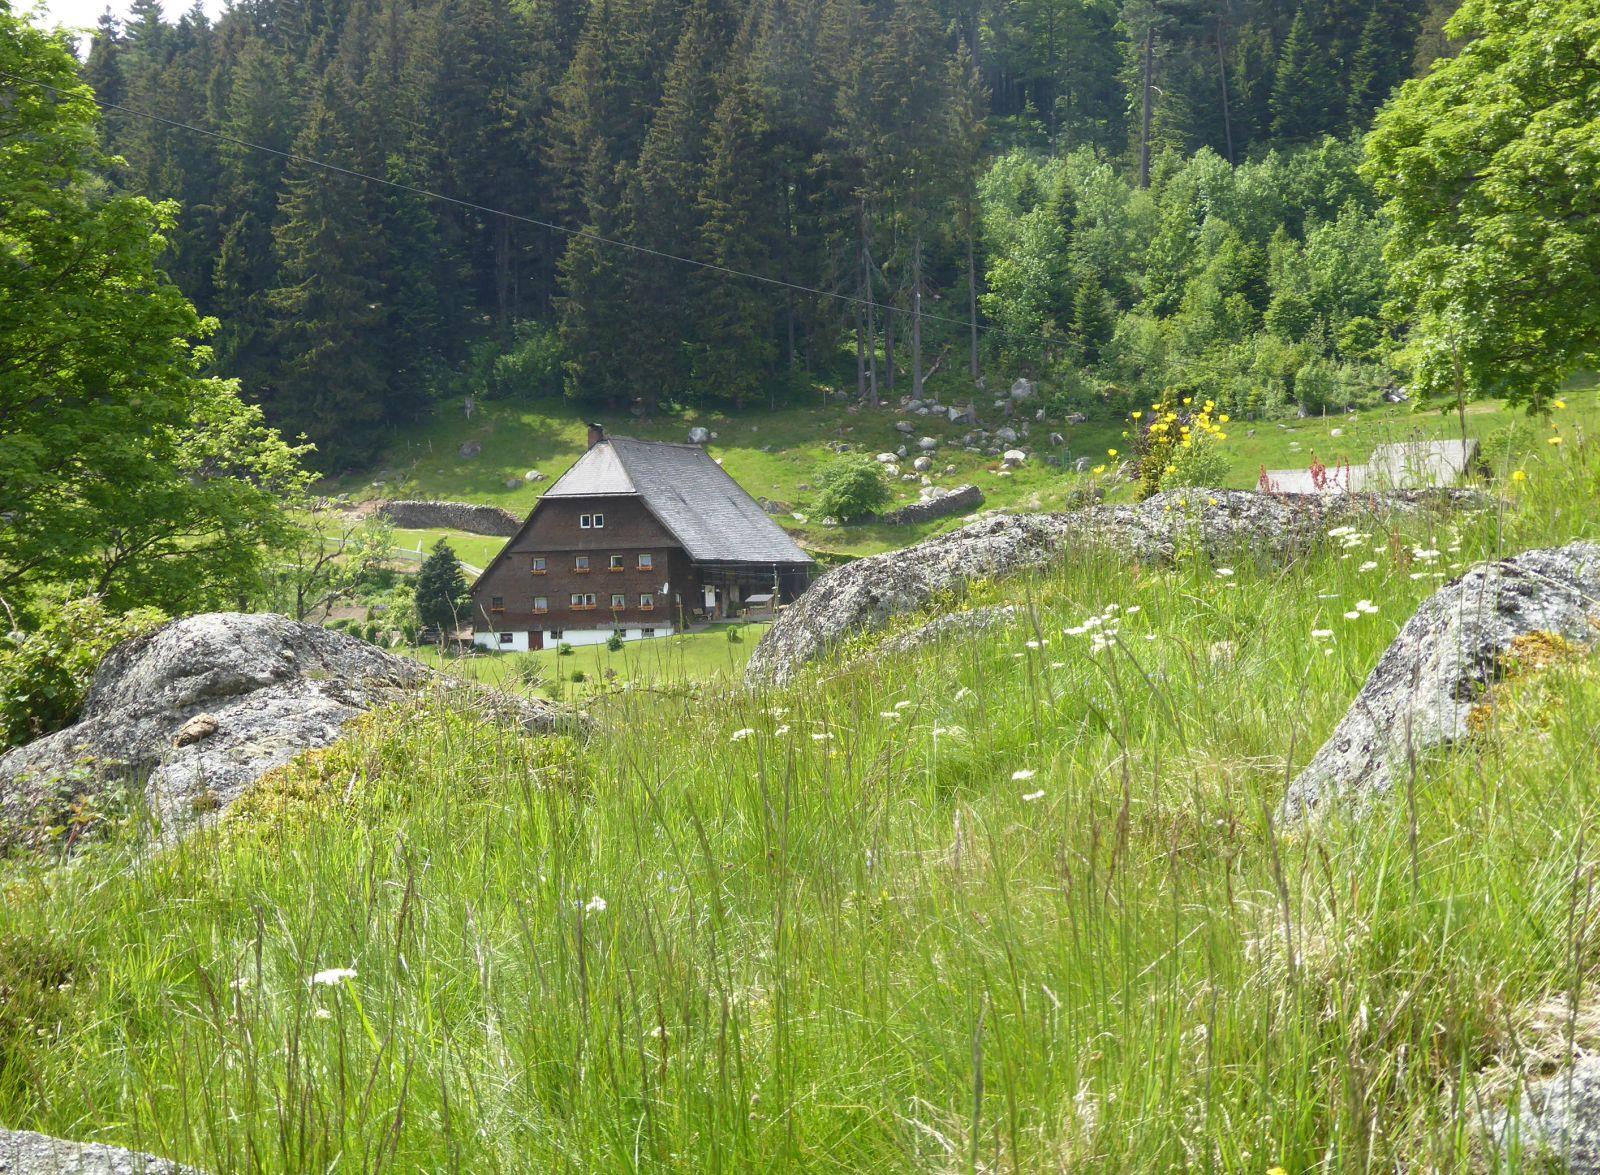 """Das Regierungspräsidium sucht """"Höfe für Biologische Vielfalt"""". Eine naturschonende Bewirtschaftung wie um diesen Schwarzwaldhof am Rohrhardsberg (Schwarzwald-Baar-Kreis) ist ein wichtiges Kriterium im Wettbewerb. Foto: Claudia Leitz/ RPF"""